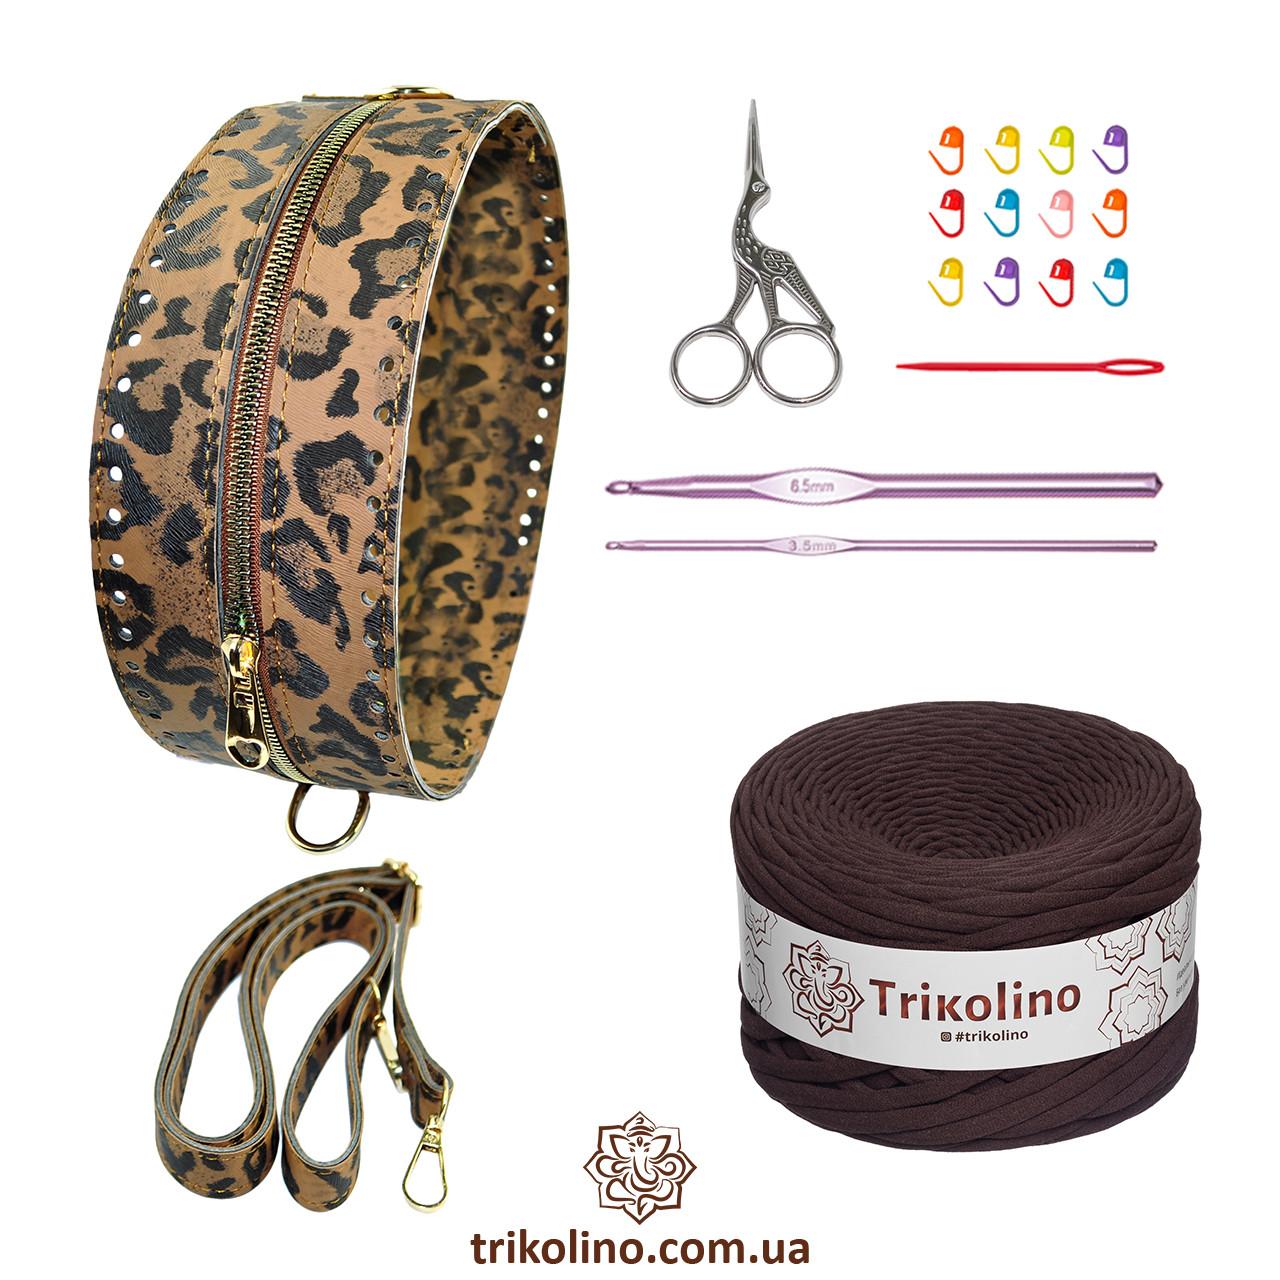 Набір для сумки Неаполь, колір Тигровий (пряжа - Шоколад)